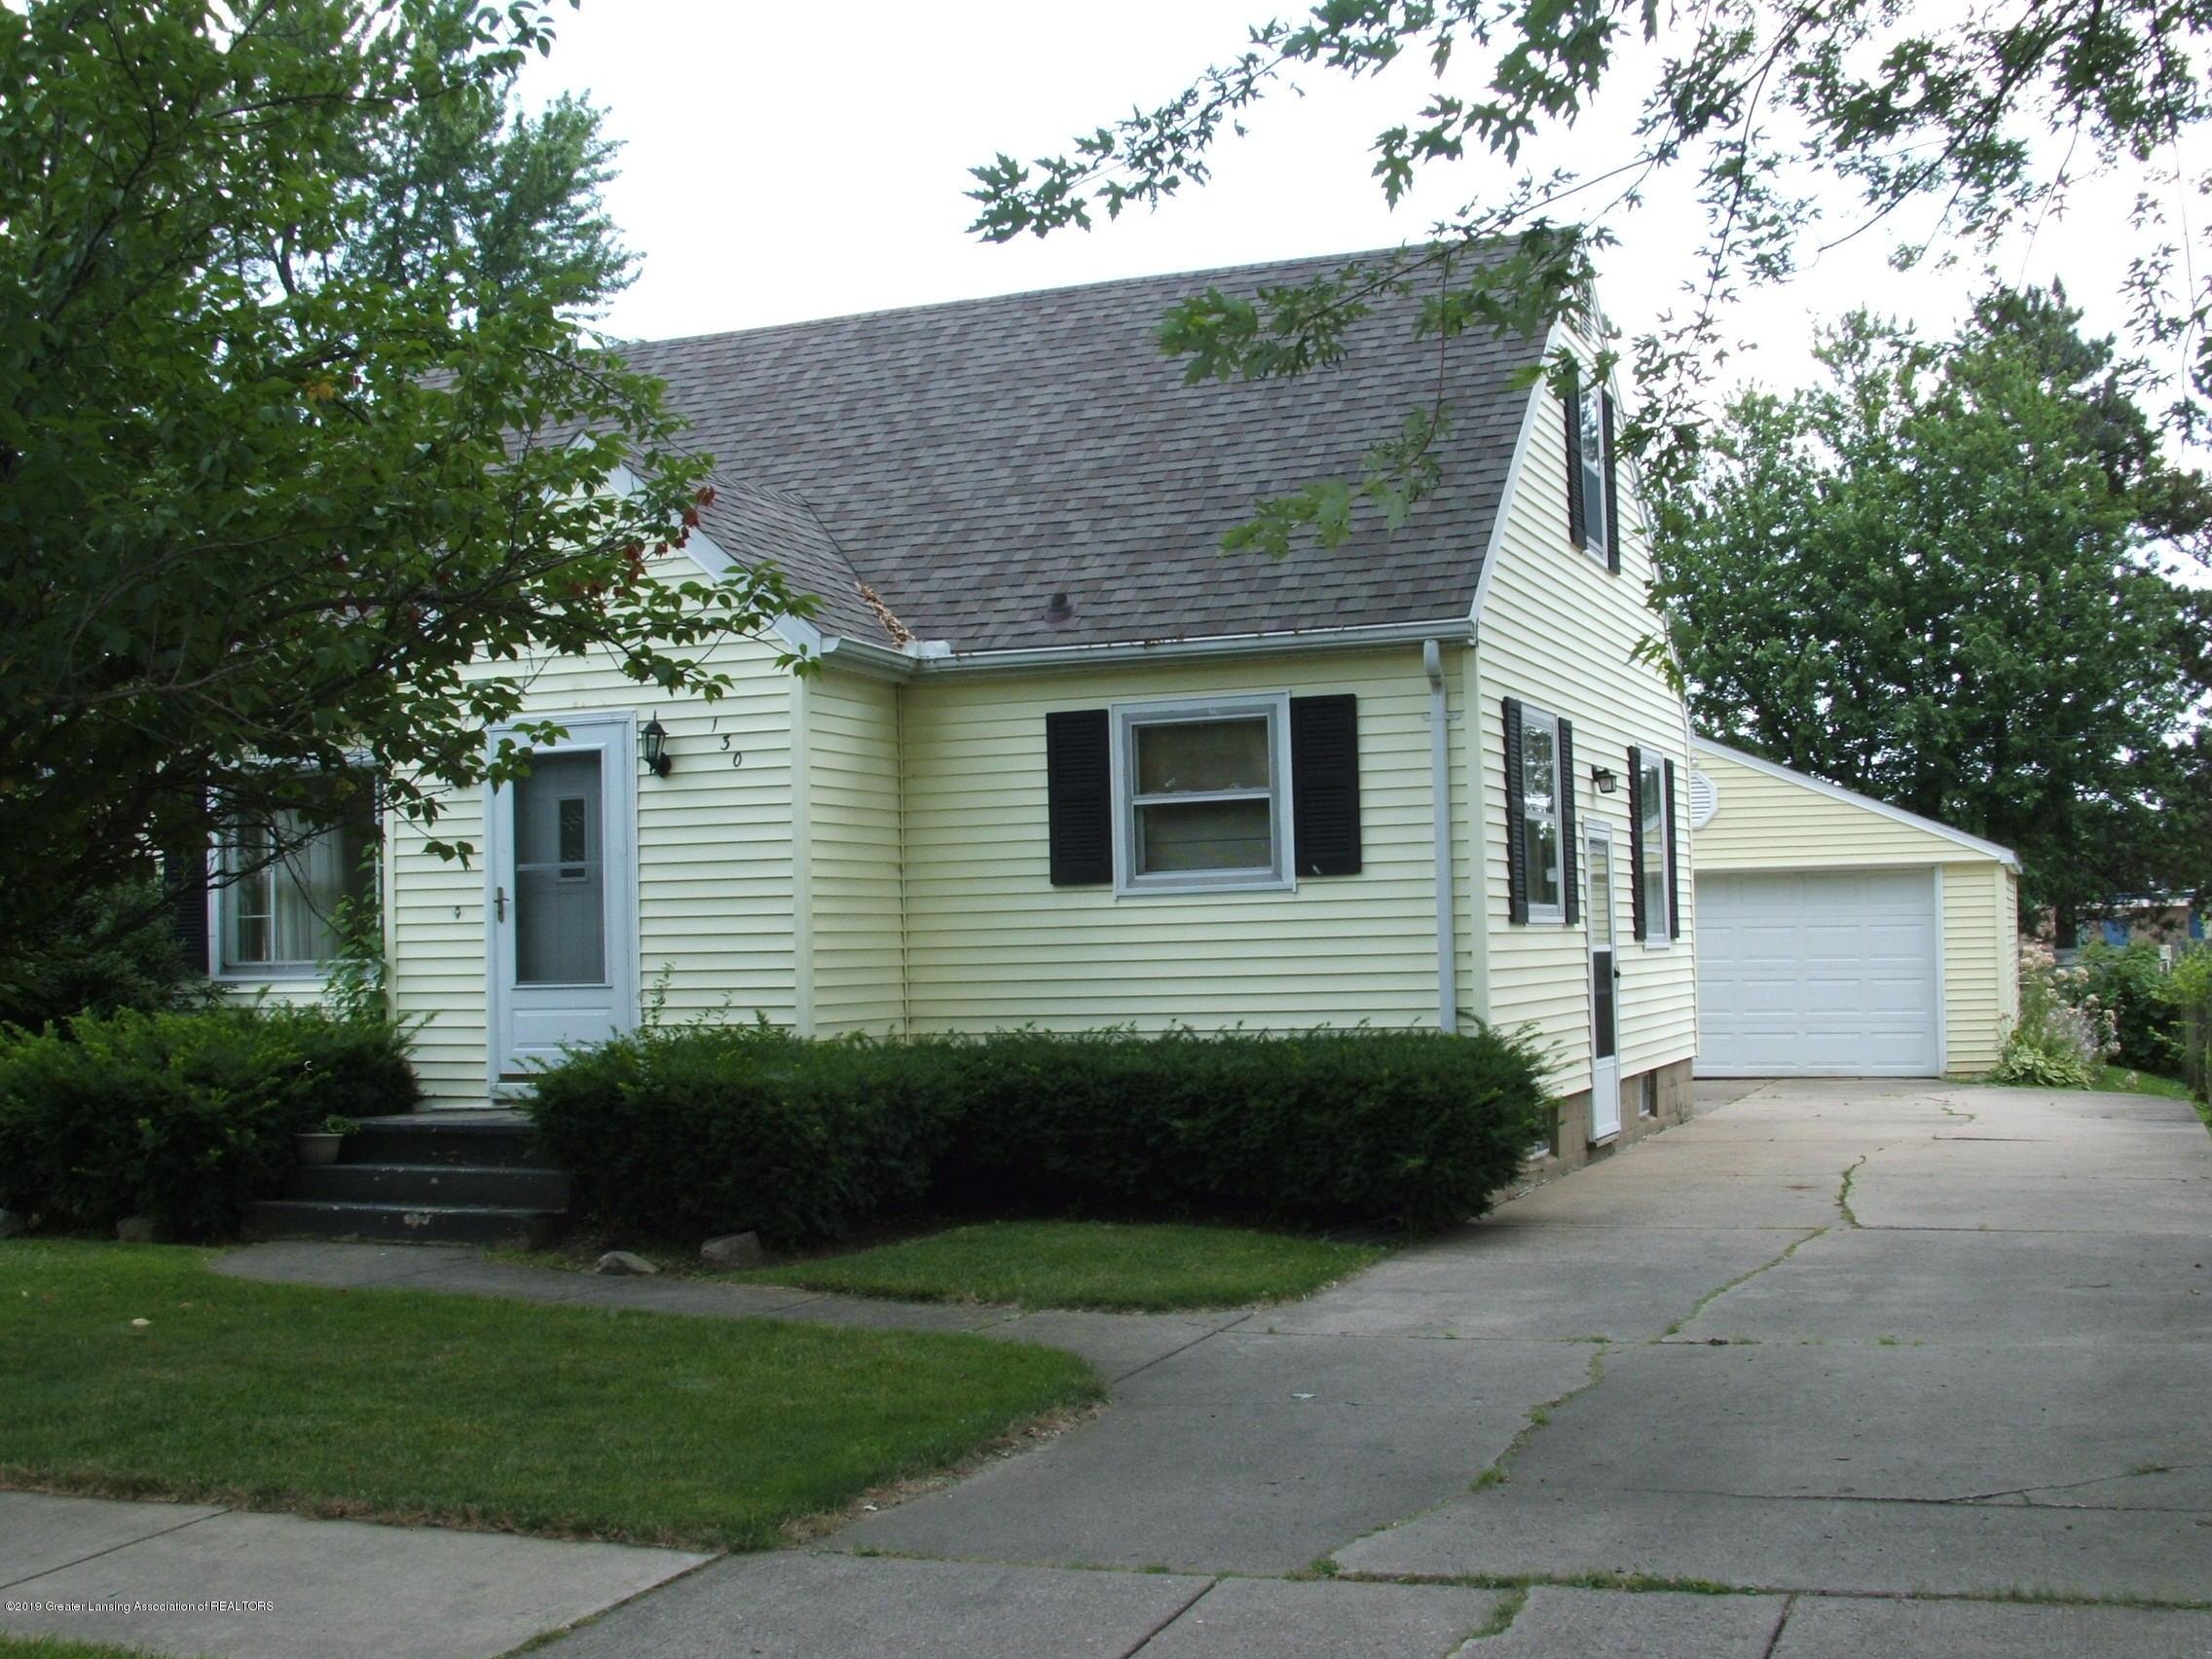 130 Harriet Ave - DSCF3823 - 1